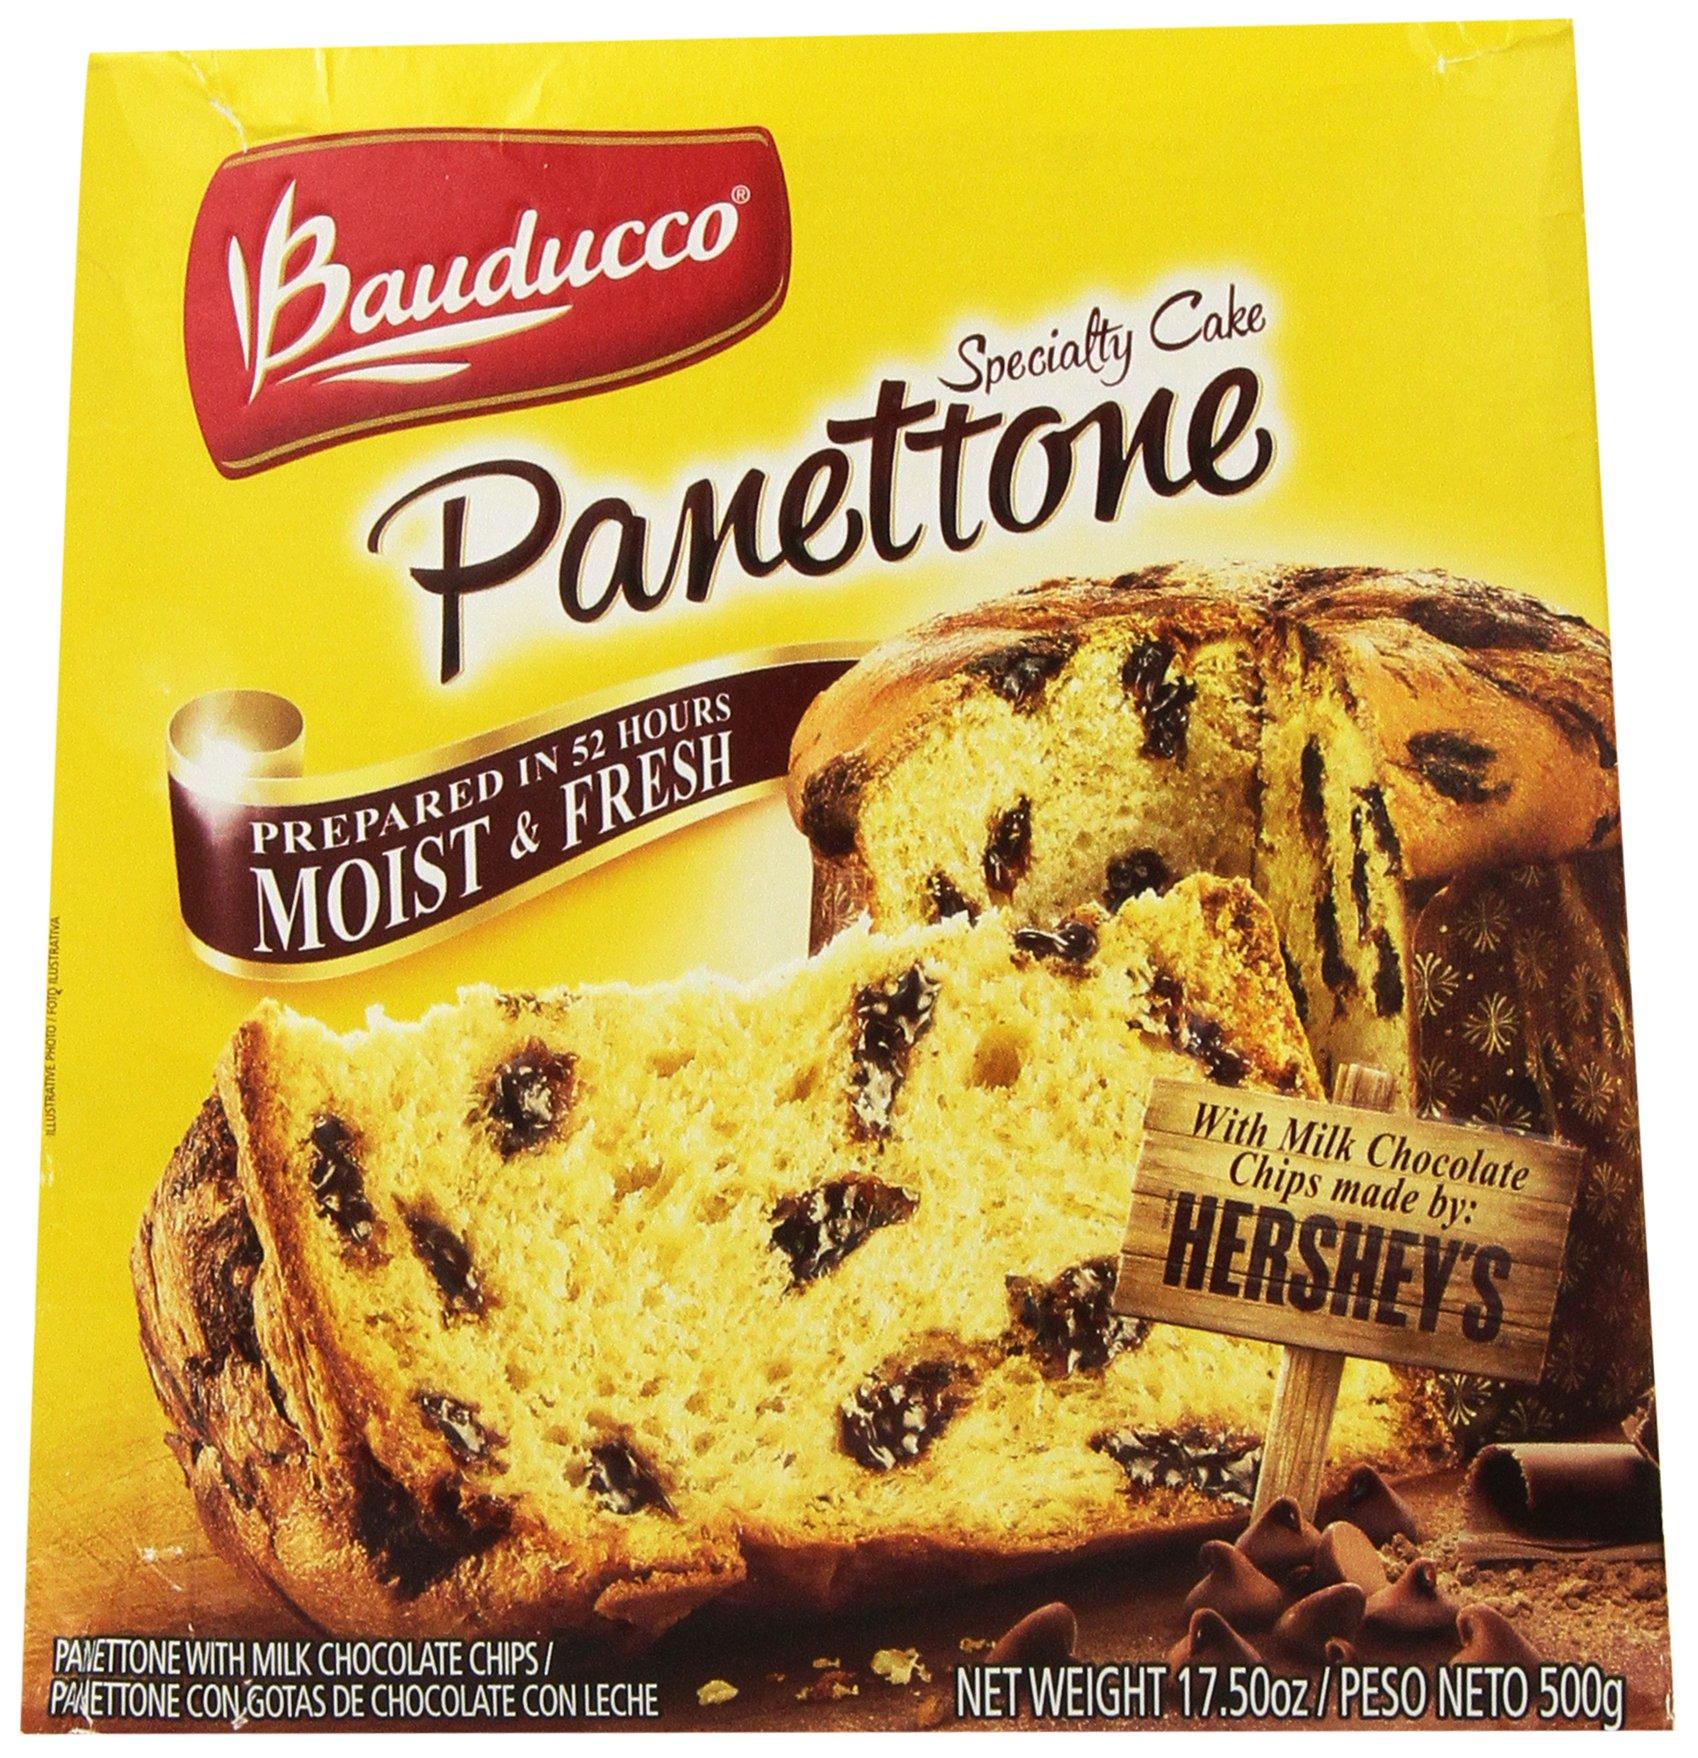 Panettone Specialty Cake Bauducco with Hershey's Milk Chocolate Chips - 17.50 oz - Panettone Bauducco com Gotas de Chocolate ao Leite Hershey's - 500g, Pack of 2